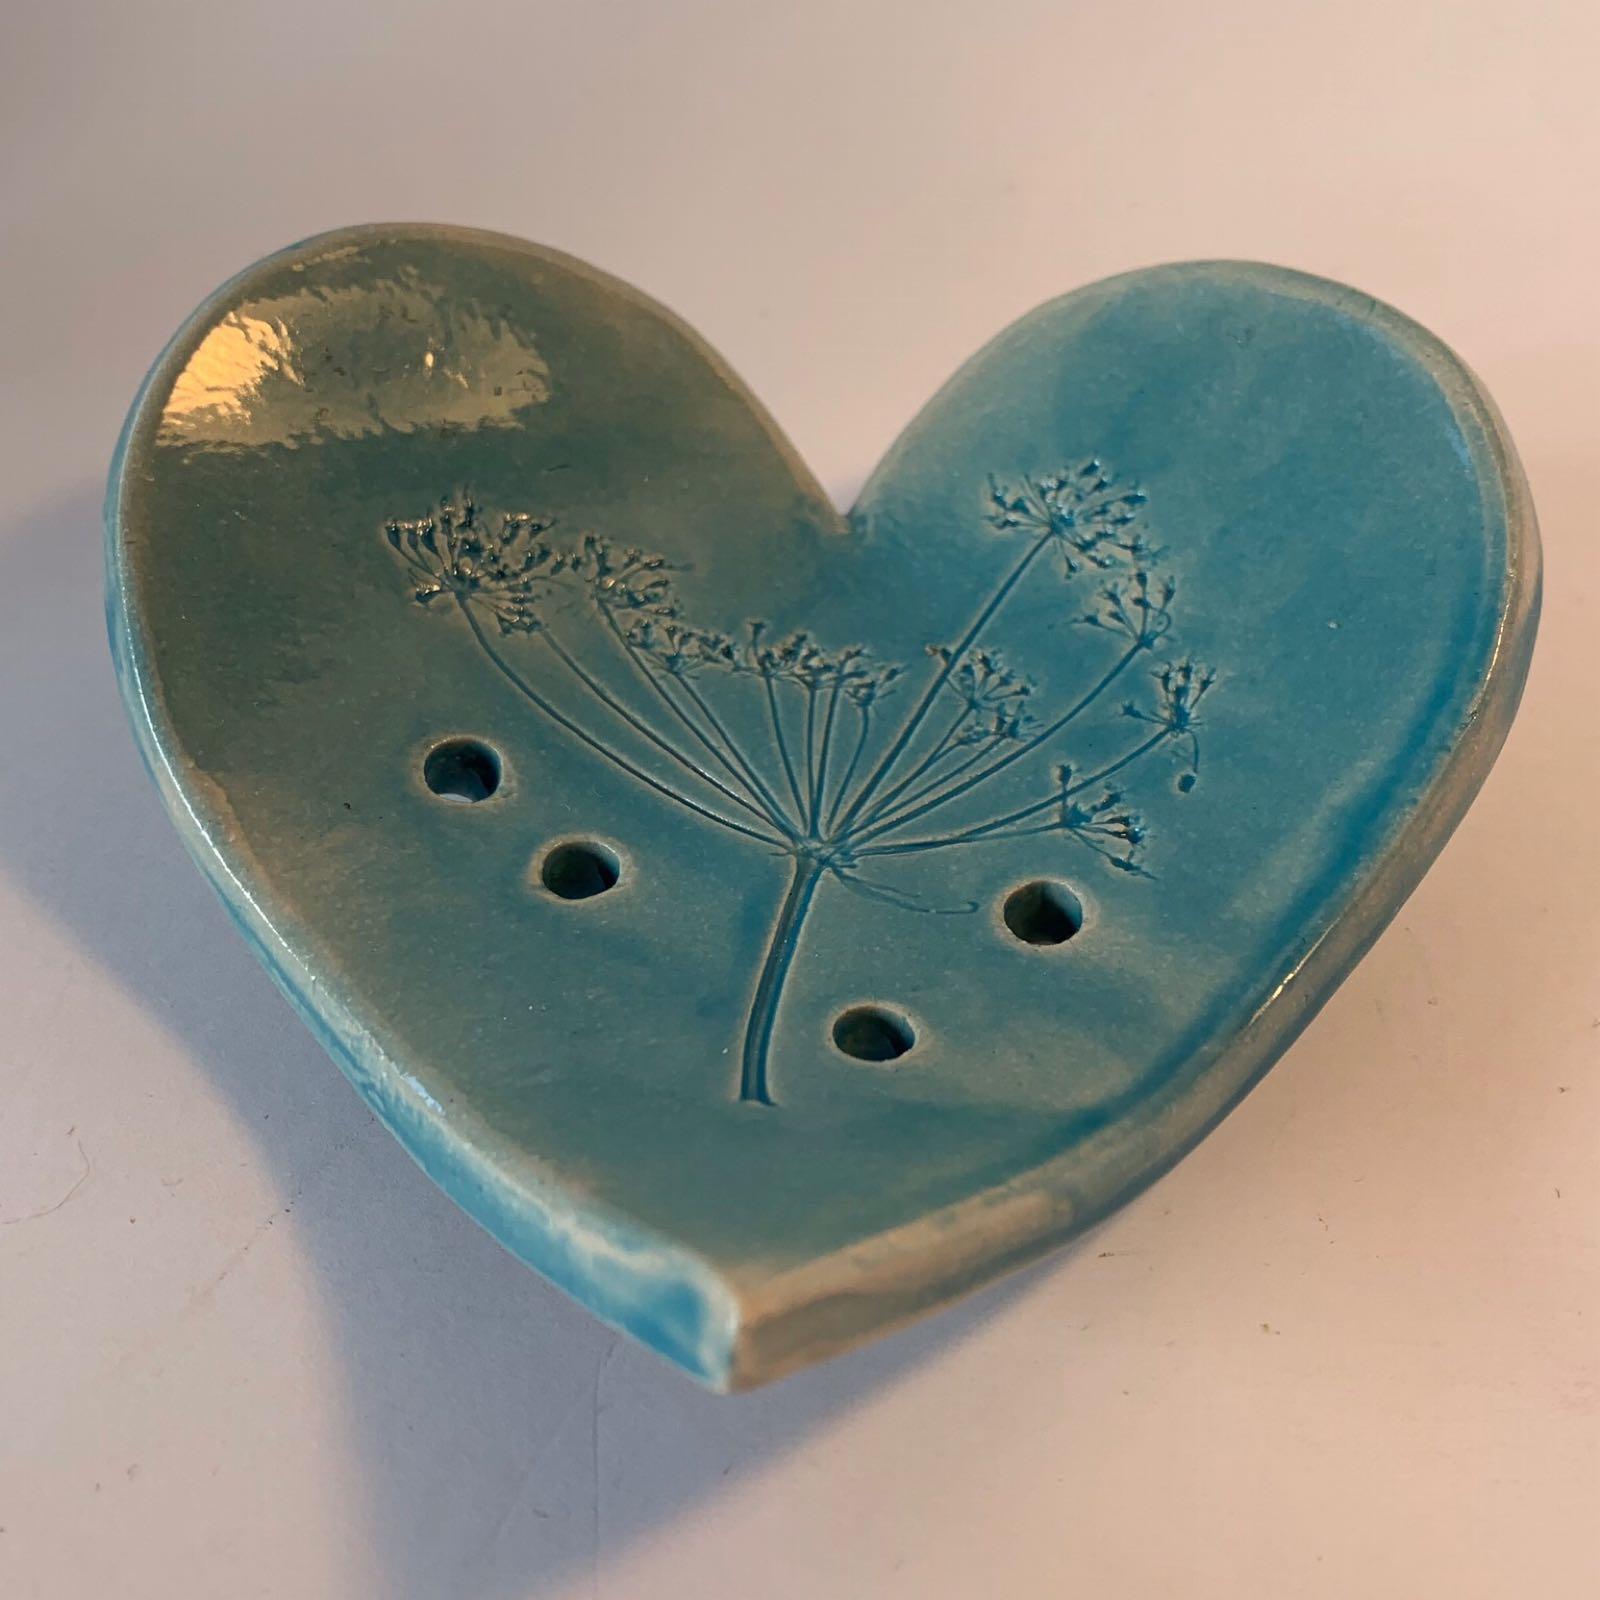 Ceramic Heart Soap Dish - Aqua